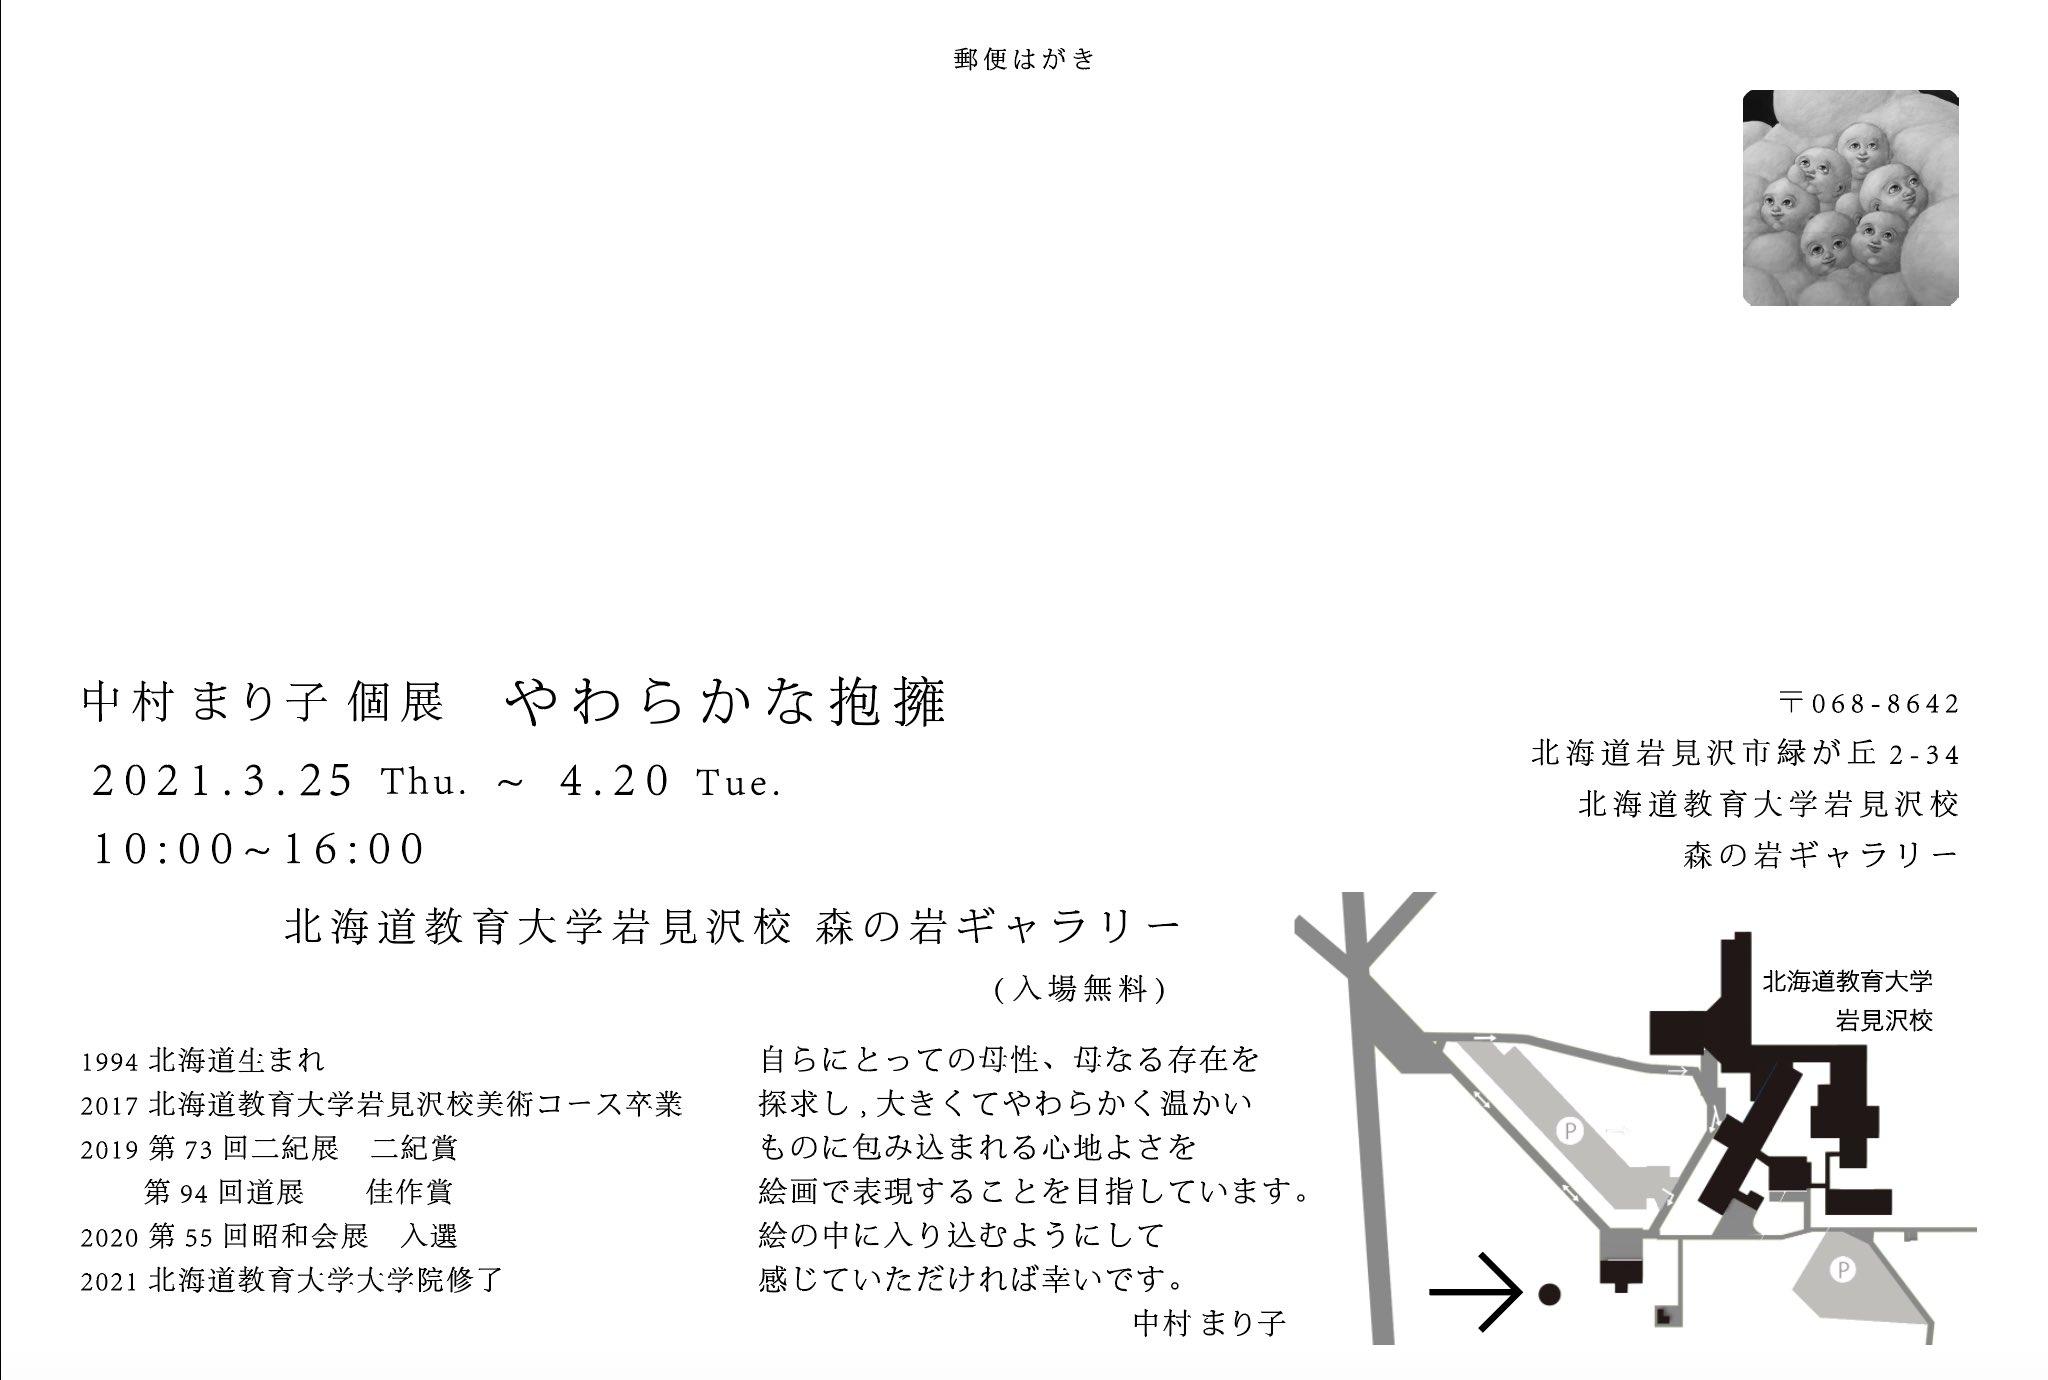 中村まり子個展「やわらかな抱擁」の画像2